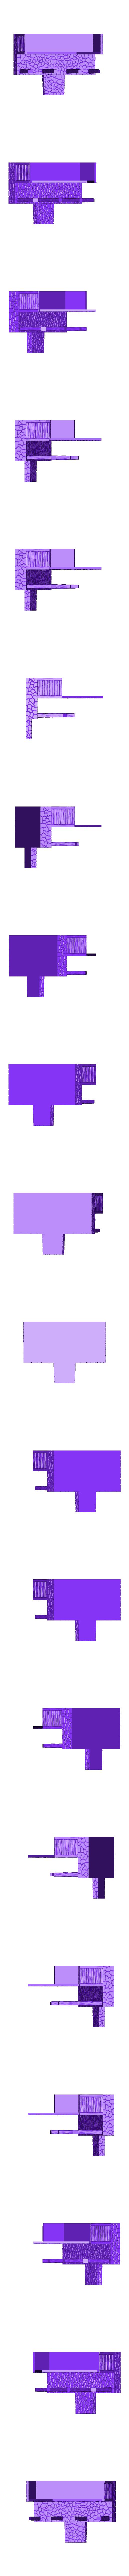 viking-house-front.stl Télécharger fichier STL gratuit Maison viking fantaisiste • Plan imprimable en 3D, Terrain4Print